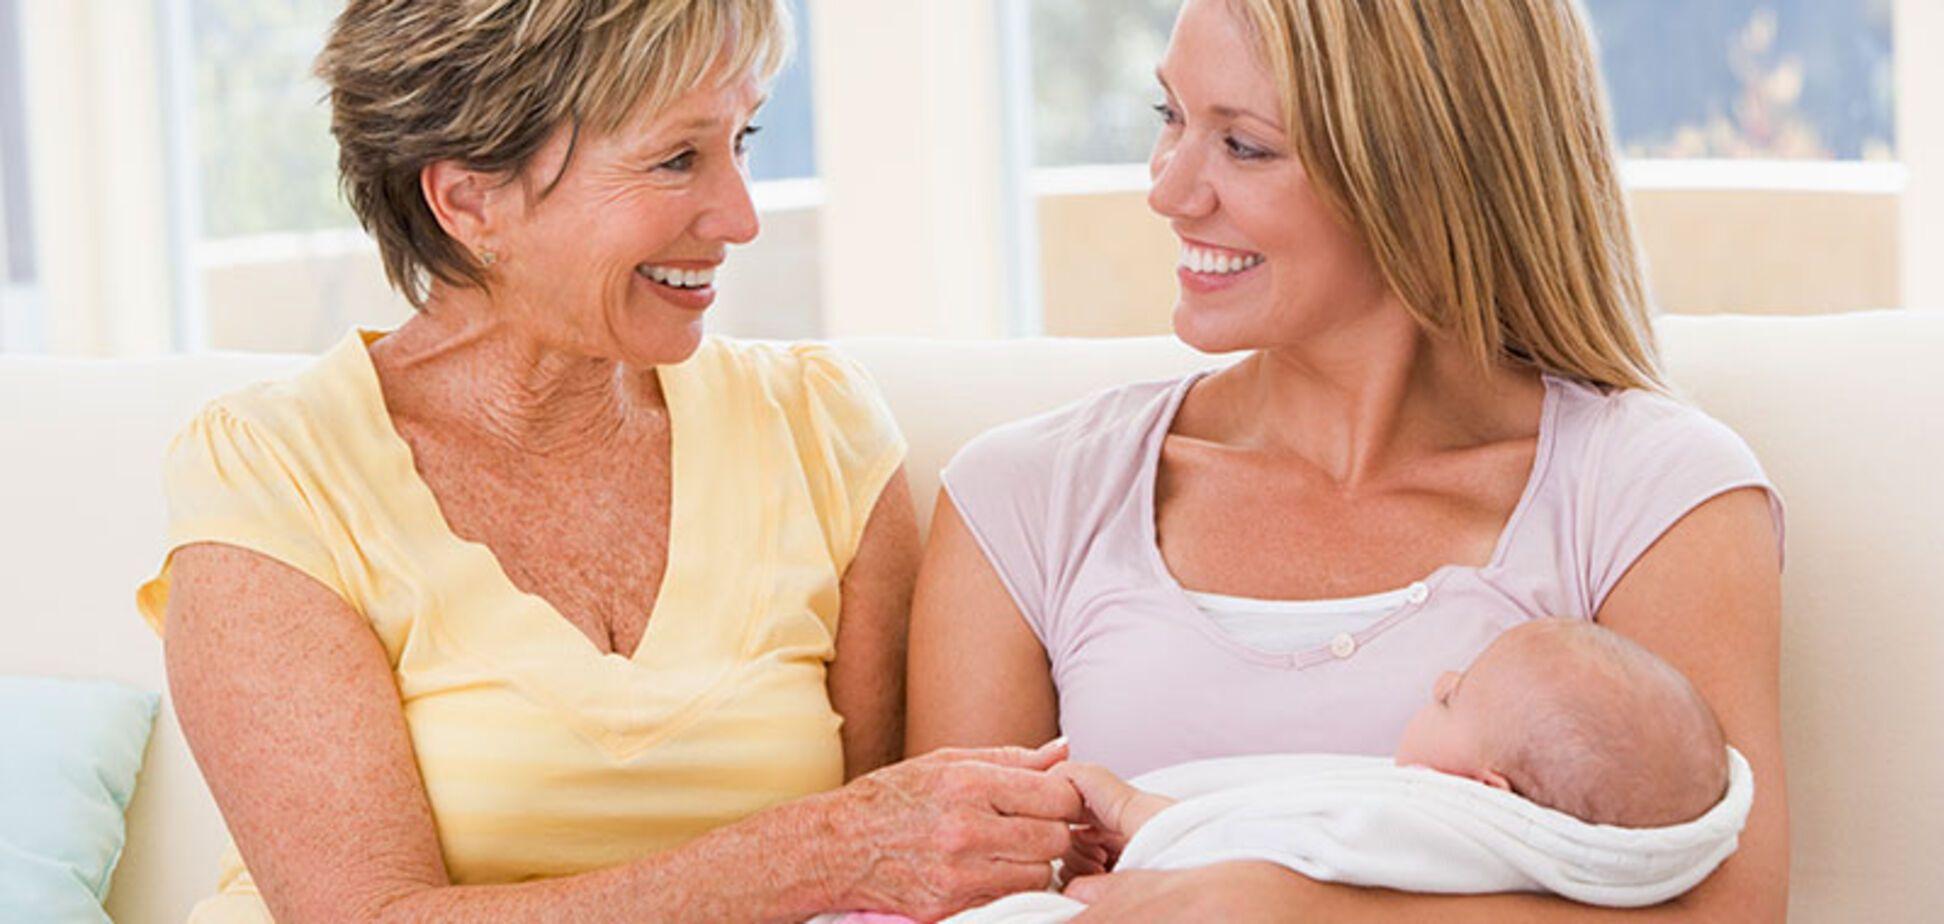 Не старайся быть идеальной мамой, или Как избежать послеродовой депрессии